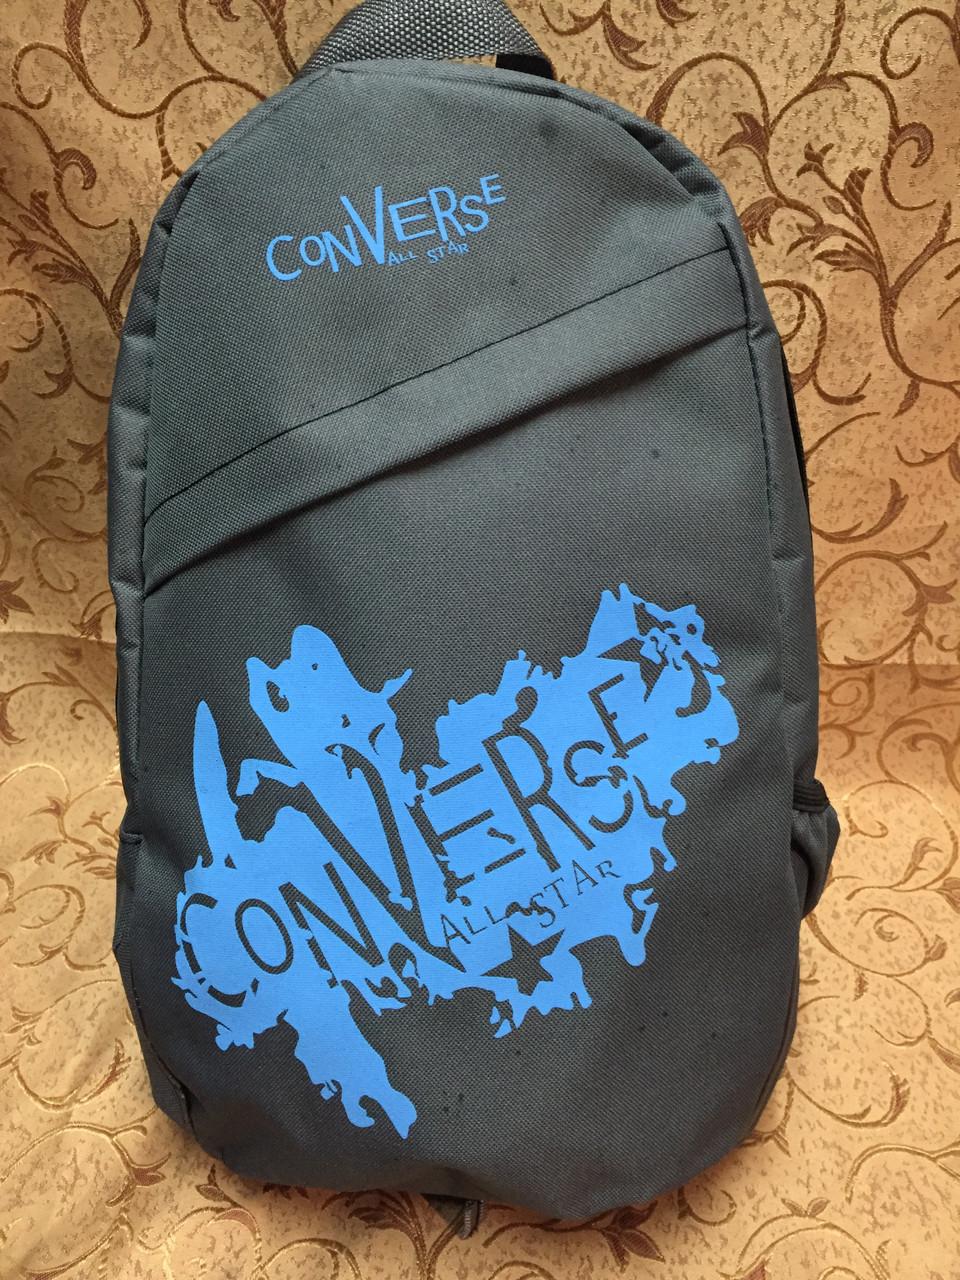 Спорт Рюкзак конверс(Оксфорд ткань)(только ОПТ)рюкзаки